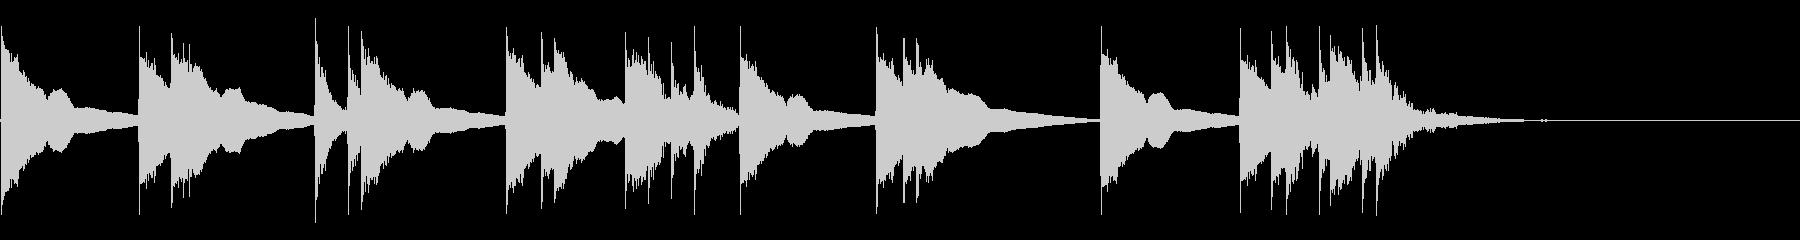 和楽器/三味線/和風フレーズ/#2の未再生の波形